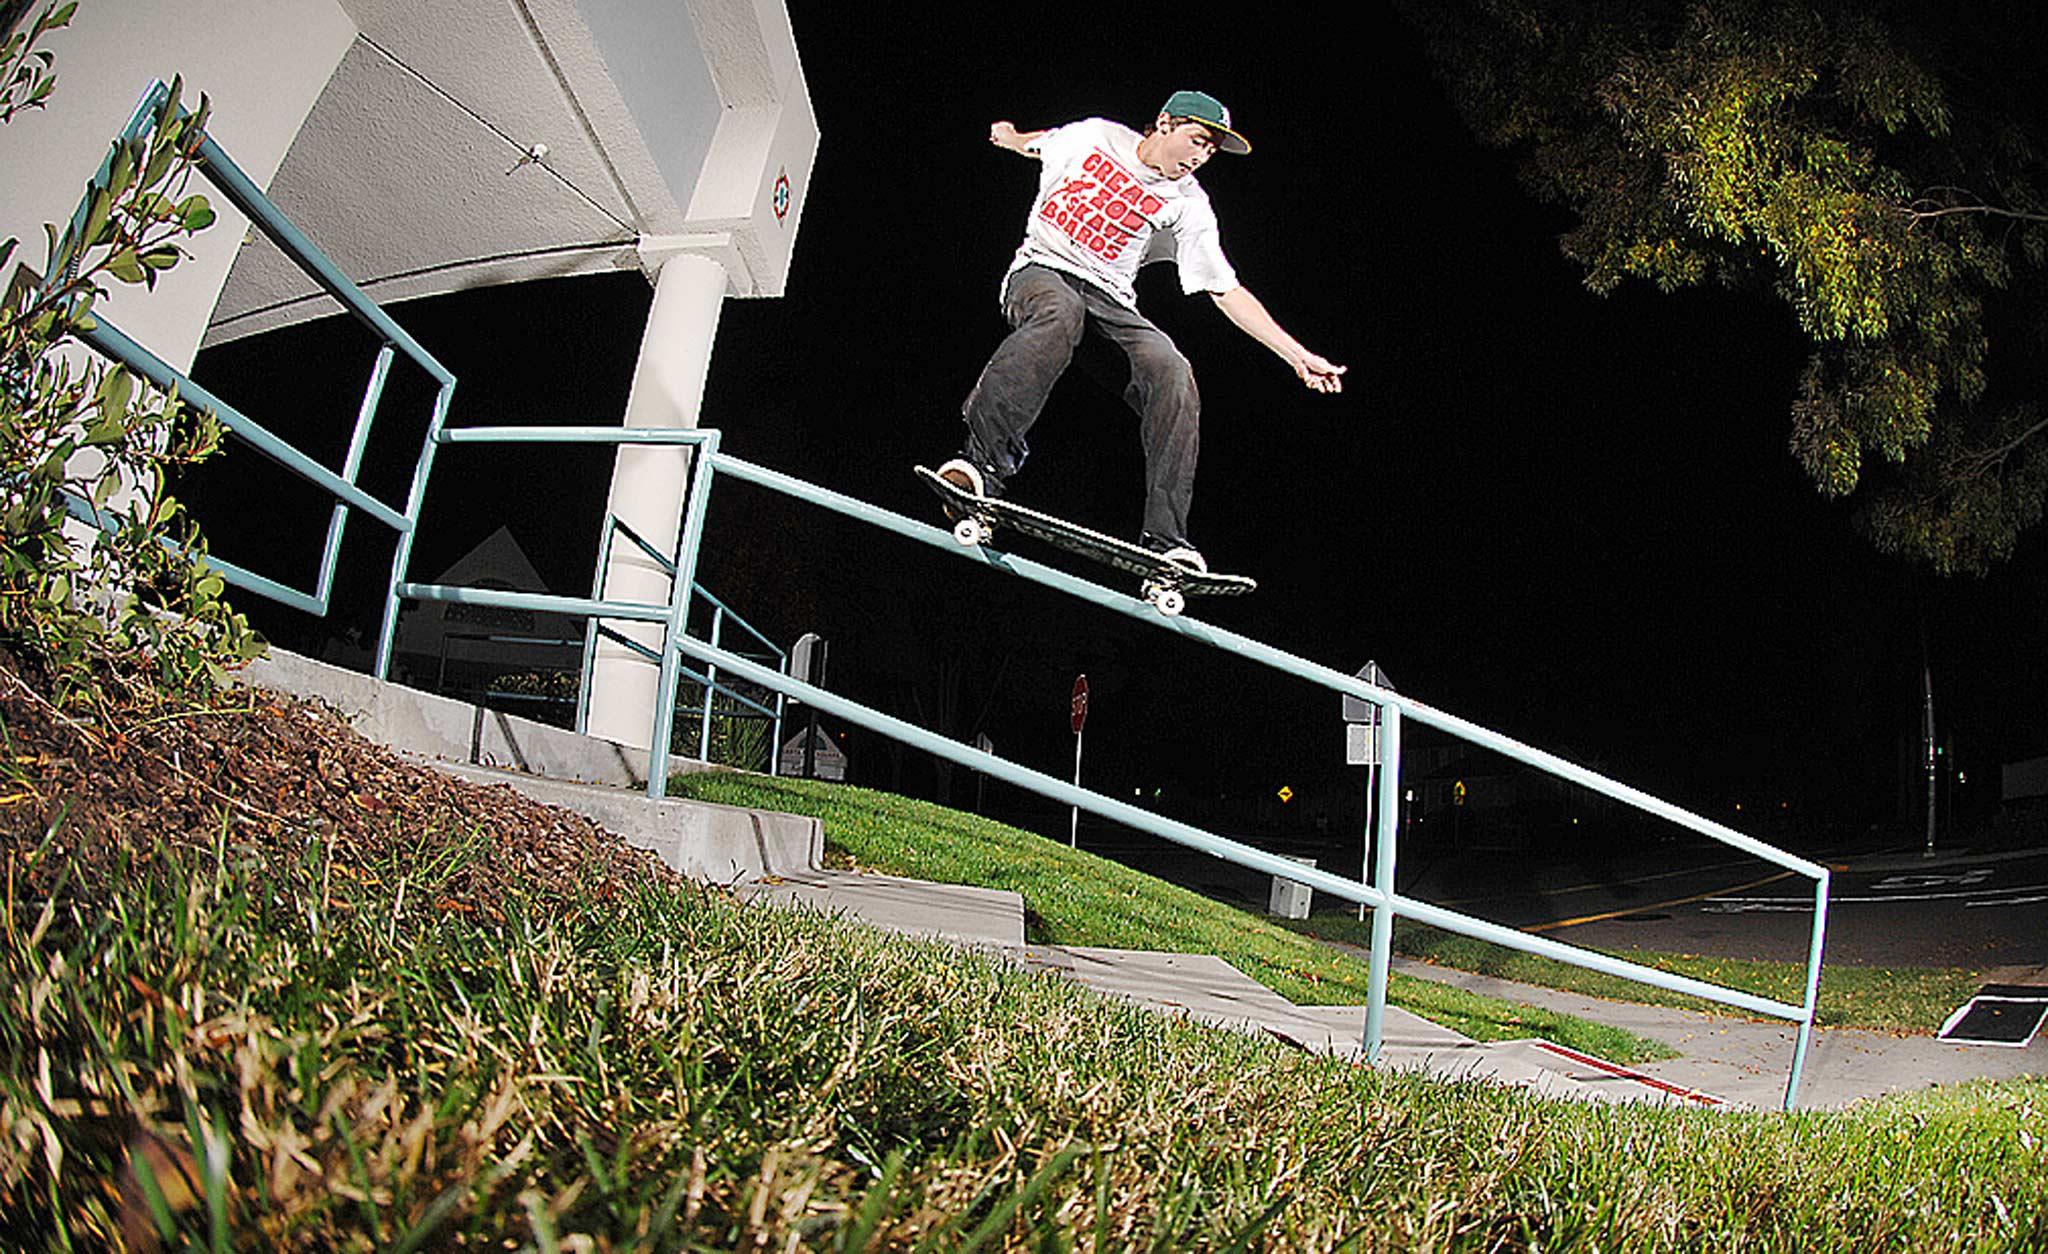 Sean Meeker, 50-50